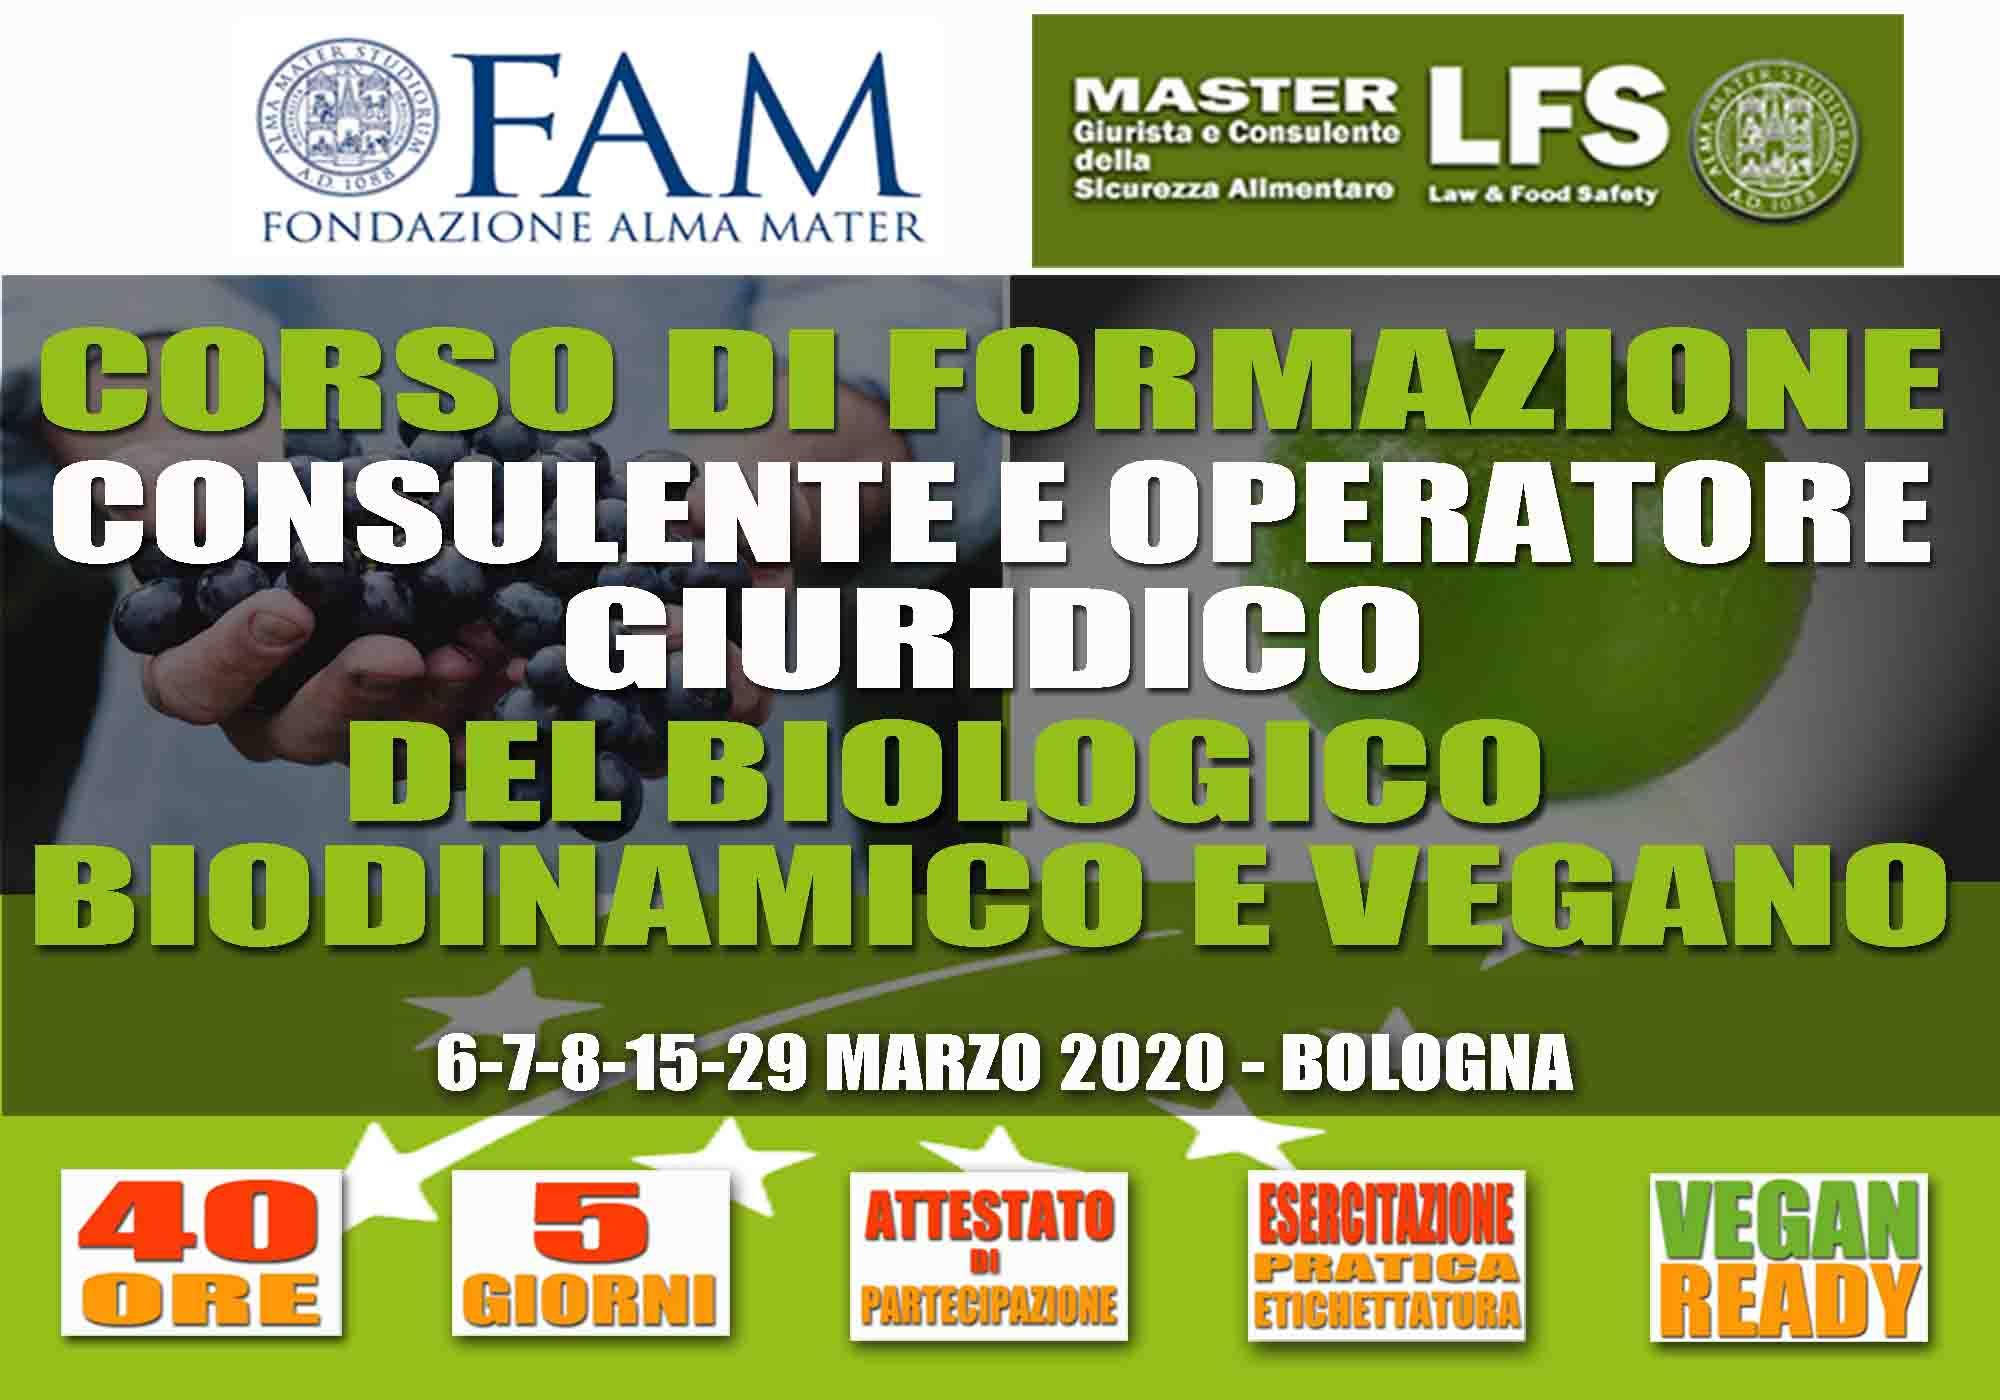 CORSO DI FORMAZIONE CONSULENTE E OPERATORE DEL BIOLOGICO, BIODINAMICO E VEGANO  6-7-8-15-29 MARZO 2020